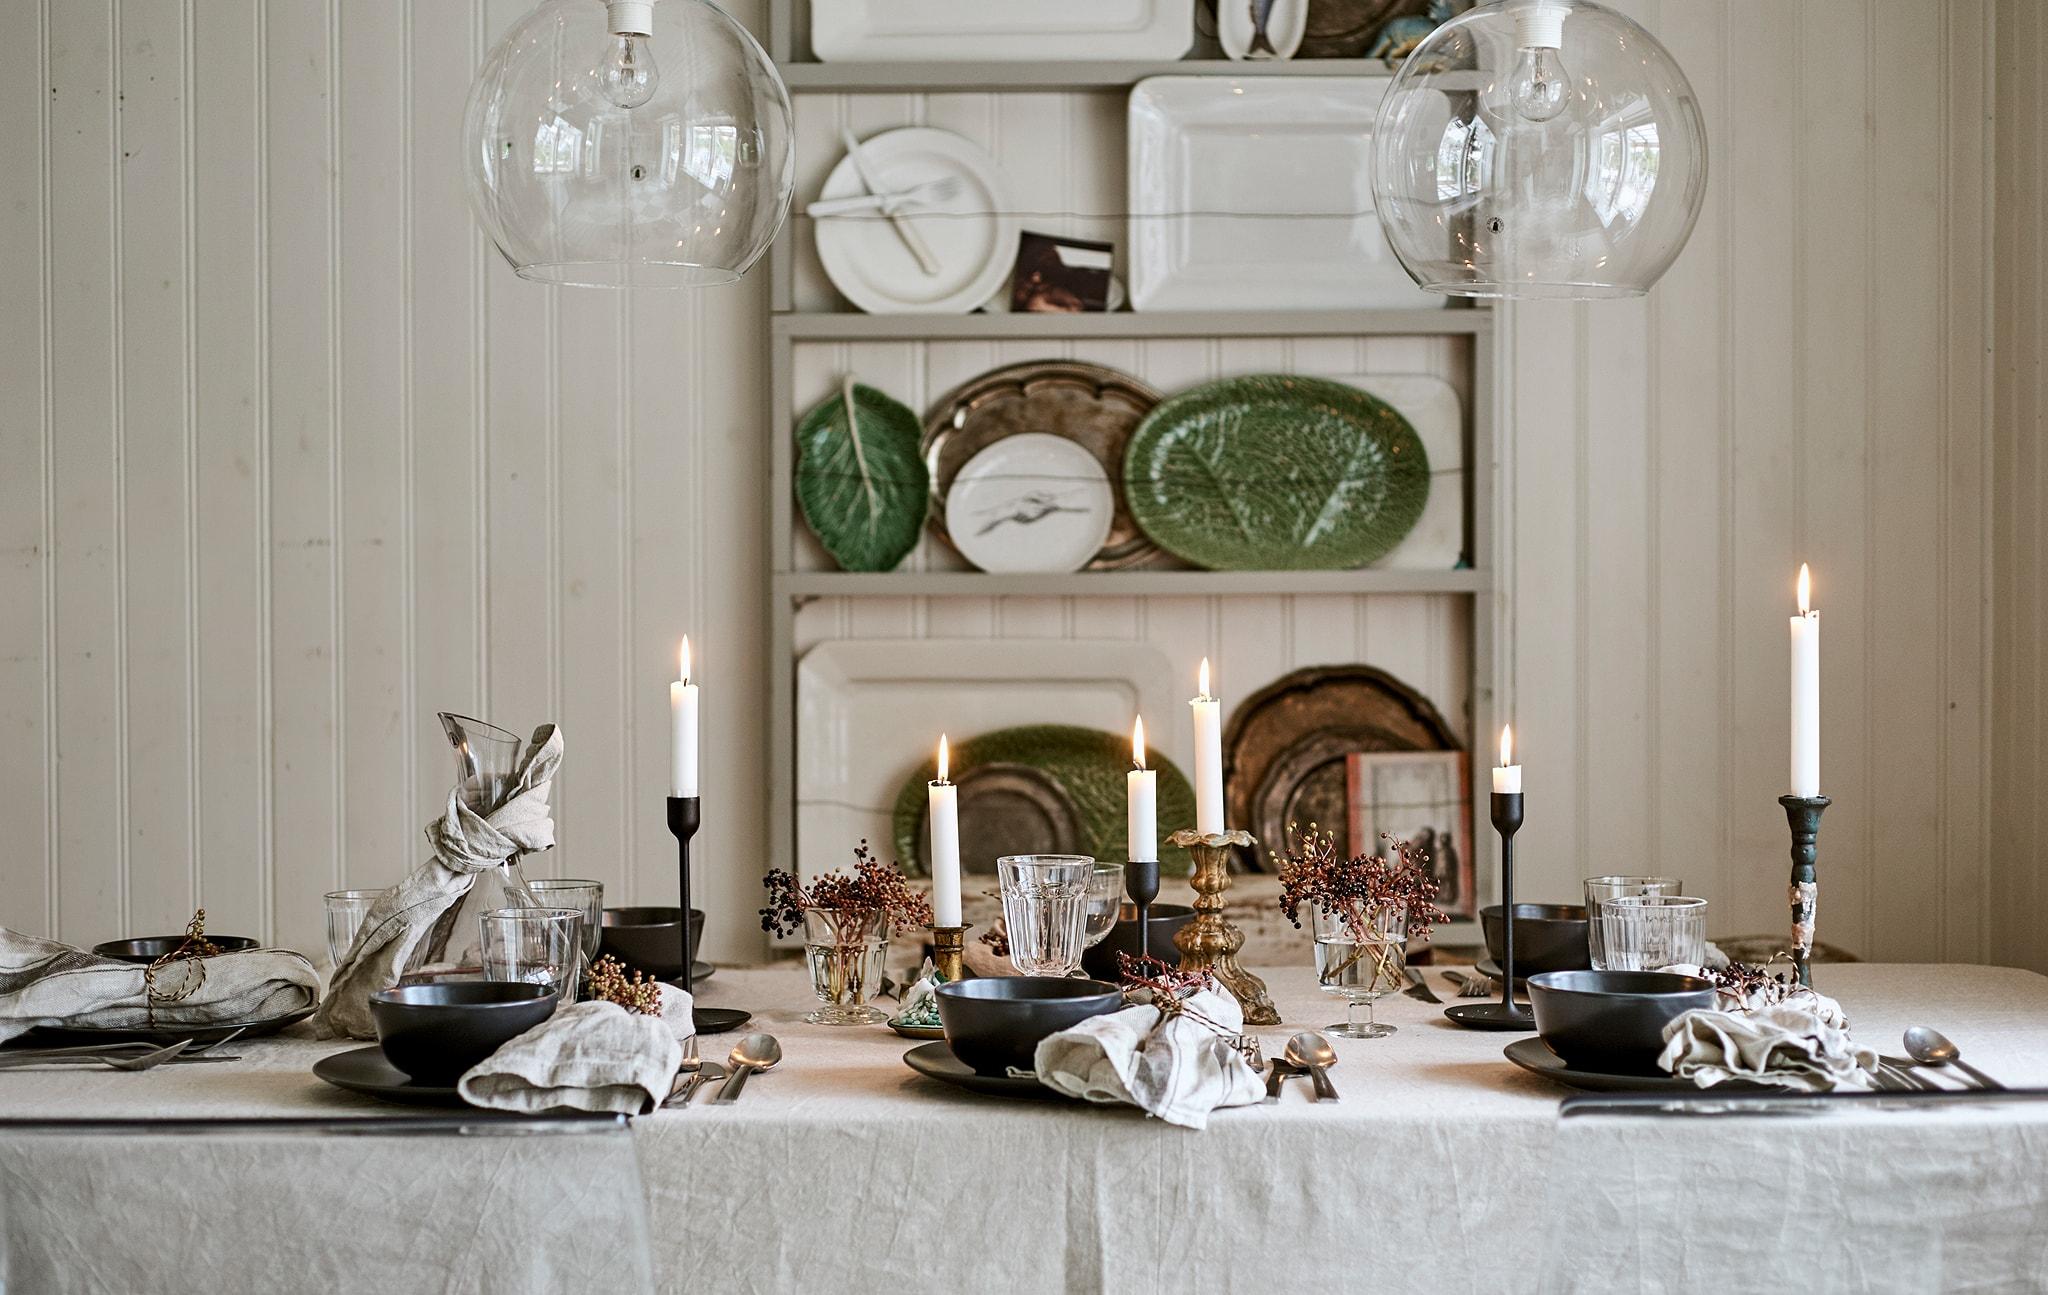 Kunjungan rumah: inspirasi meja makan untuk menyambut Natal